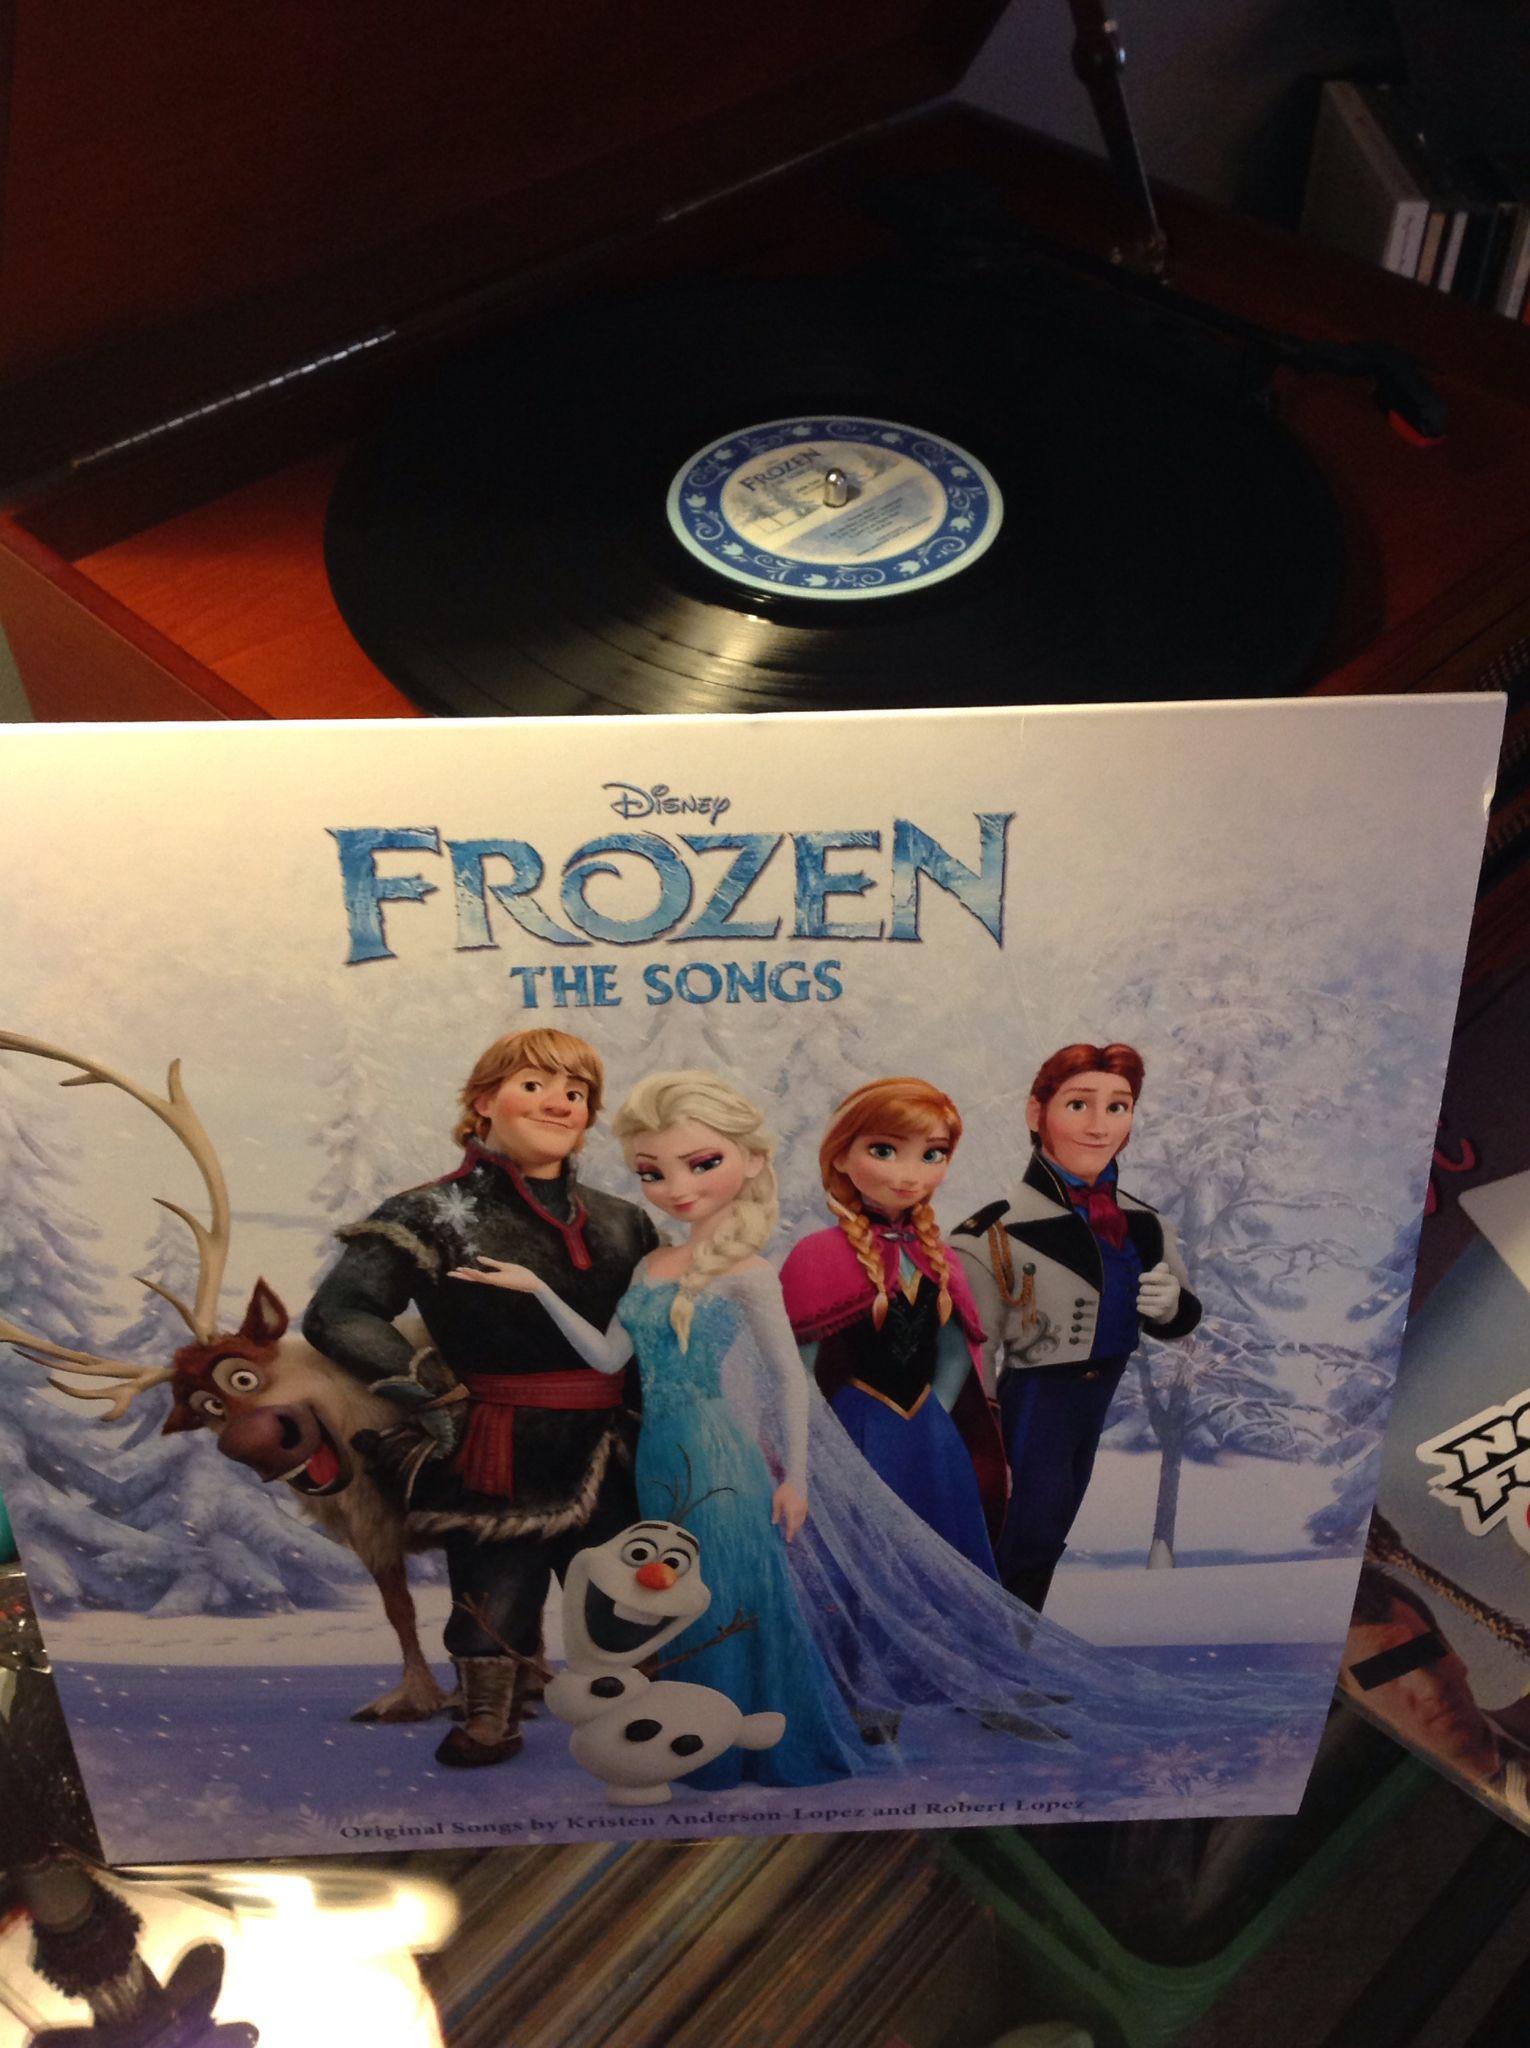 Frozen Disney frozen, Vinyl, Songs